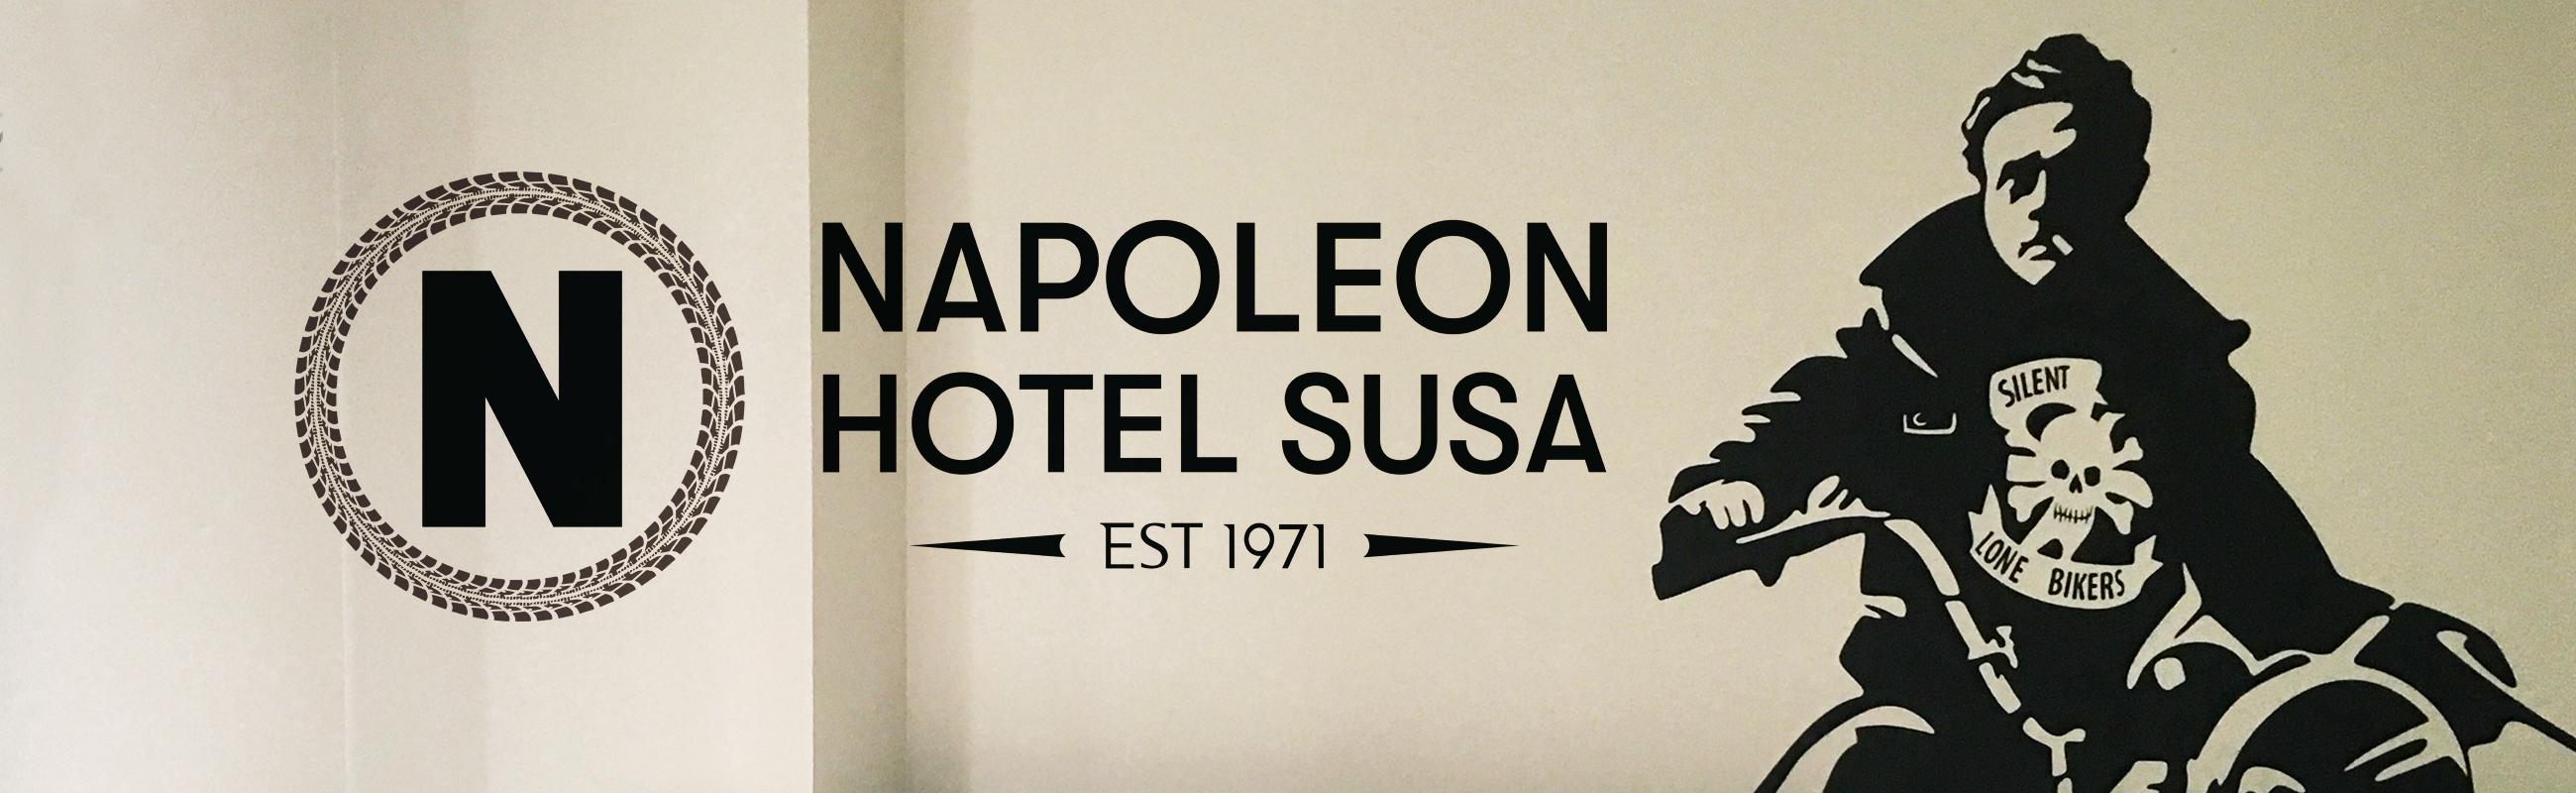 Immagine sfondo homepage Hotel Napoleon - Val di Susa